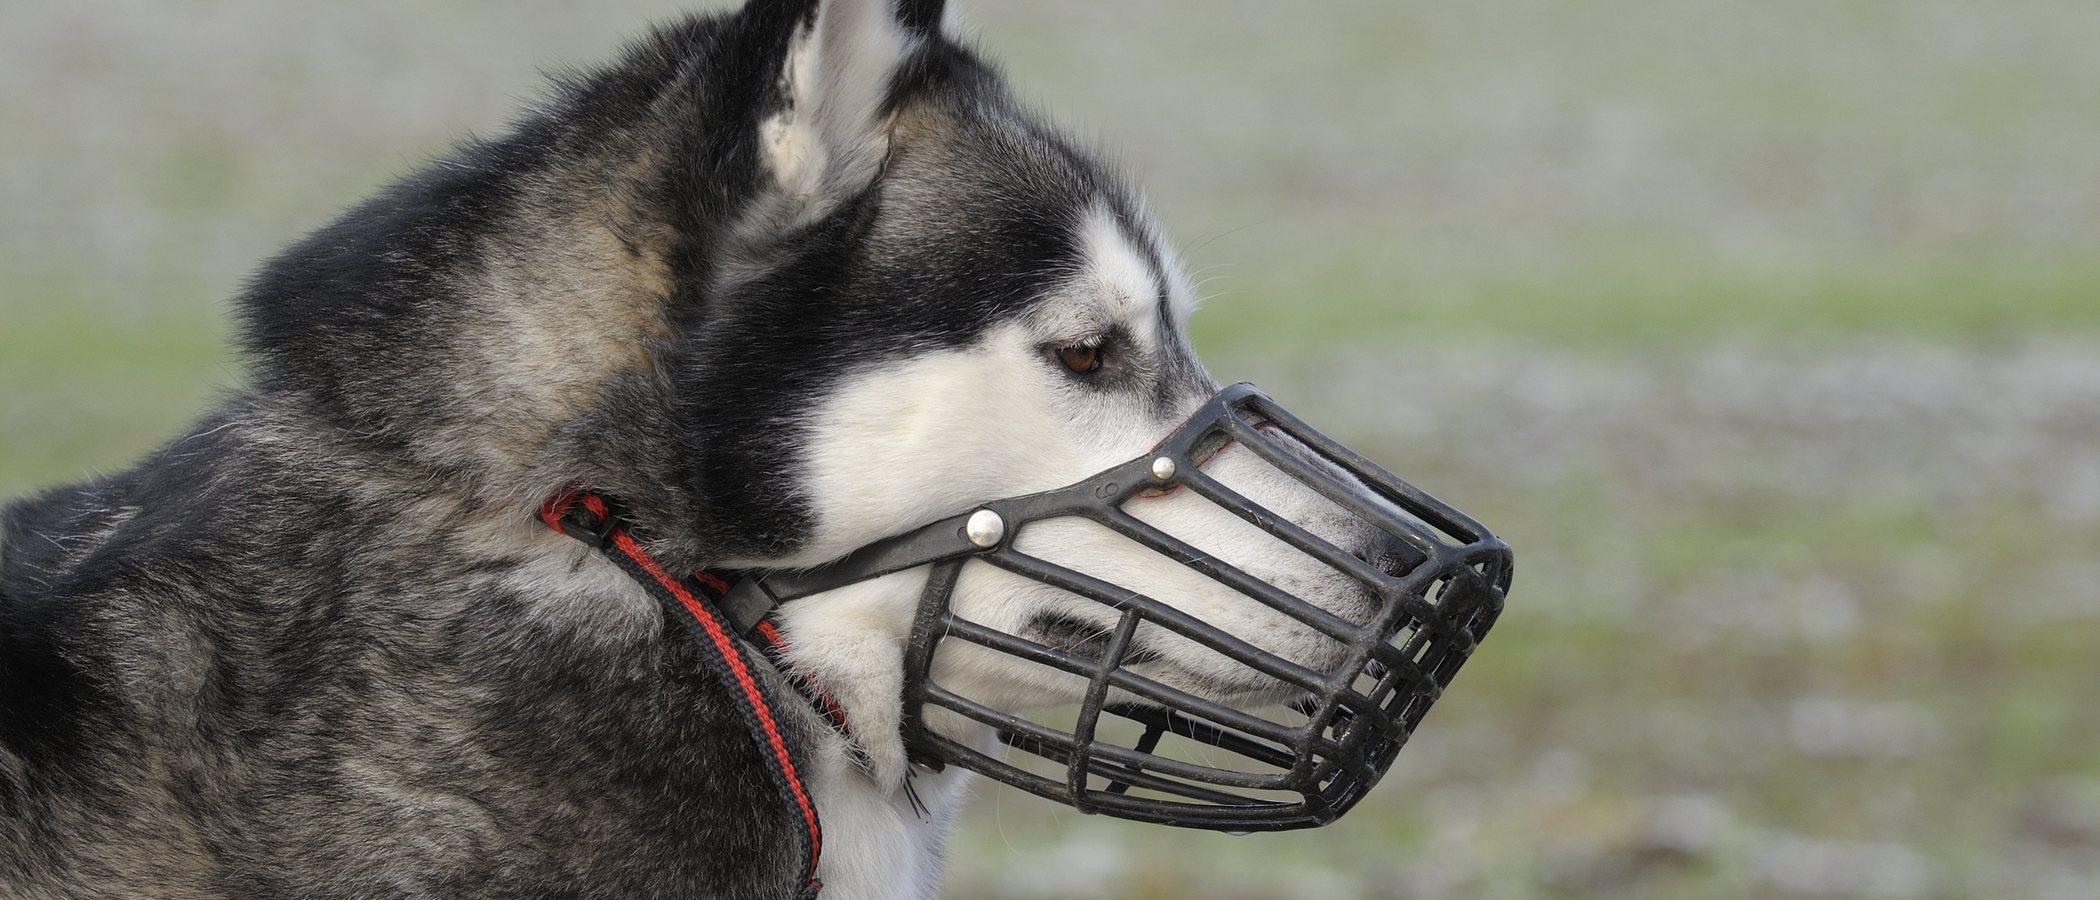 ¿Qué perros tienen que llevar bozal obligatoriamente?